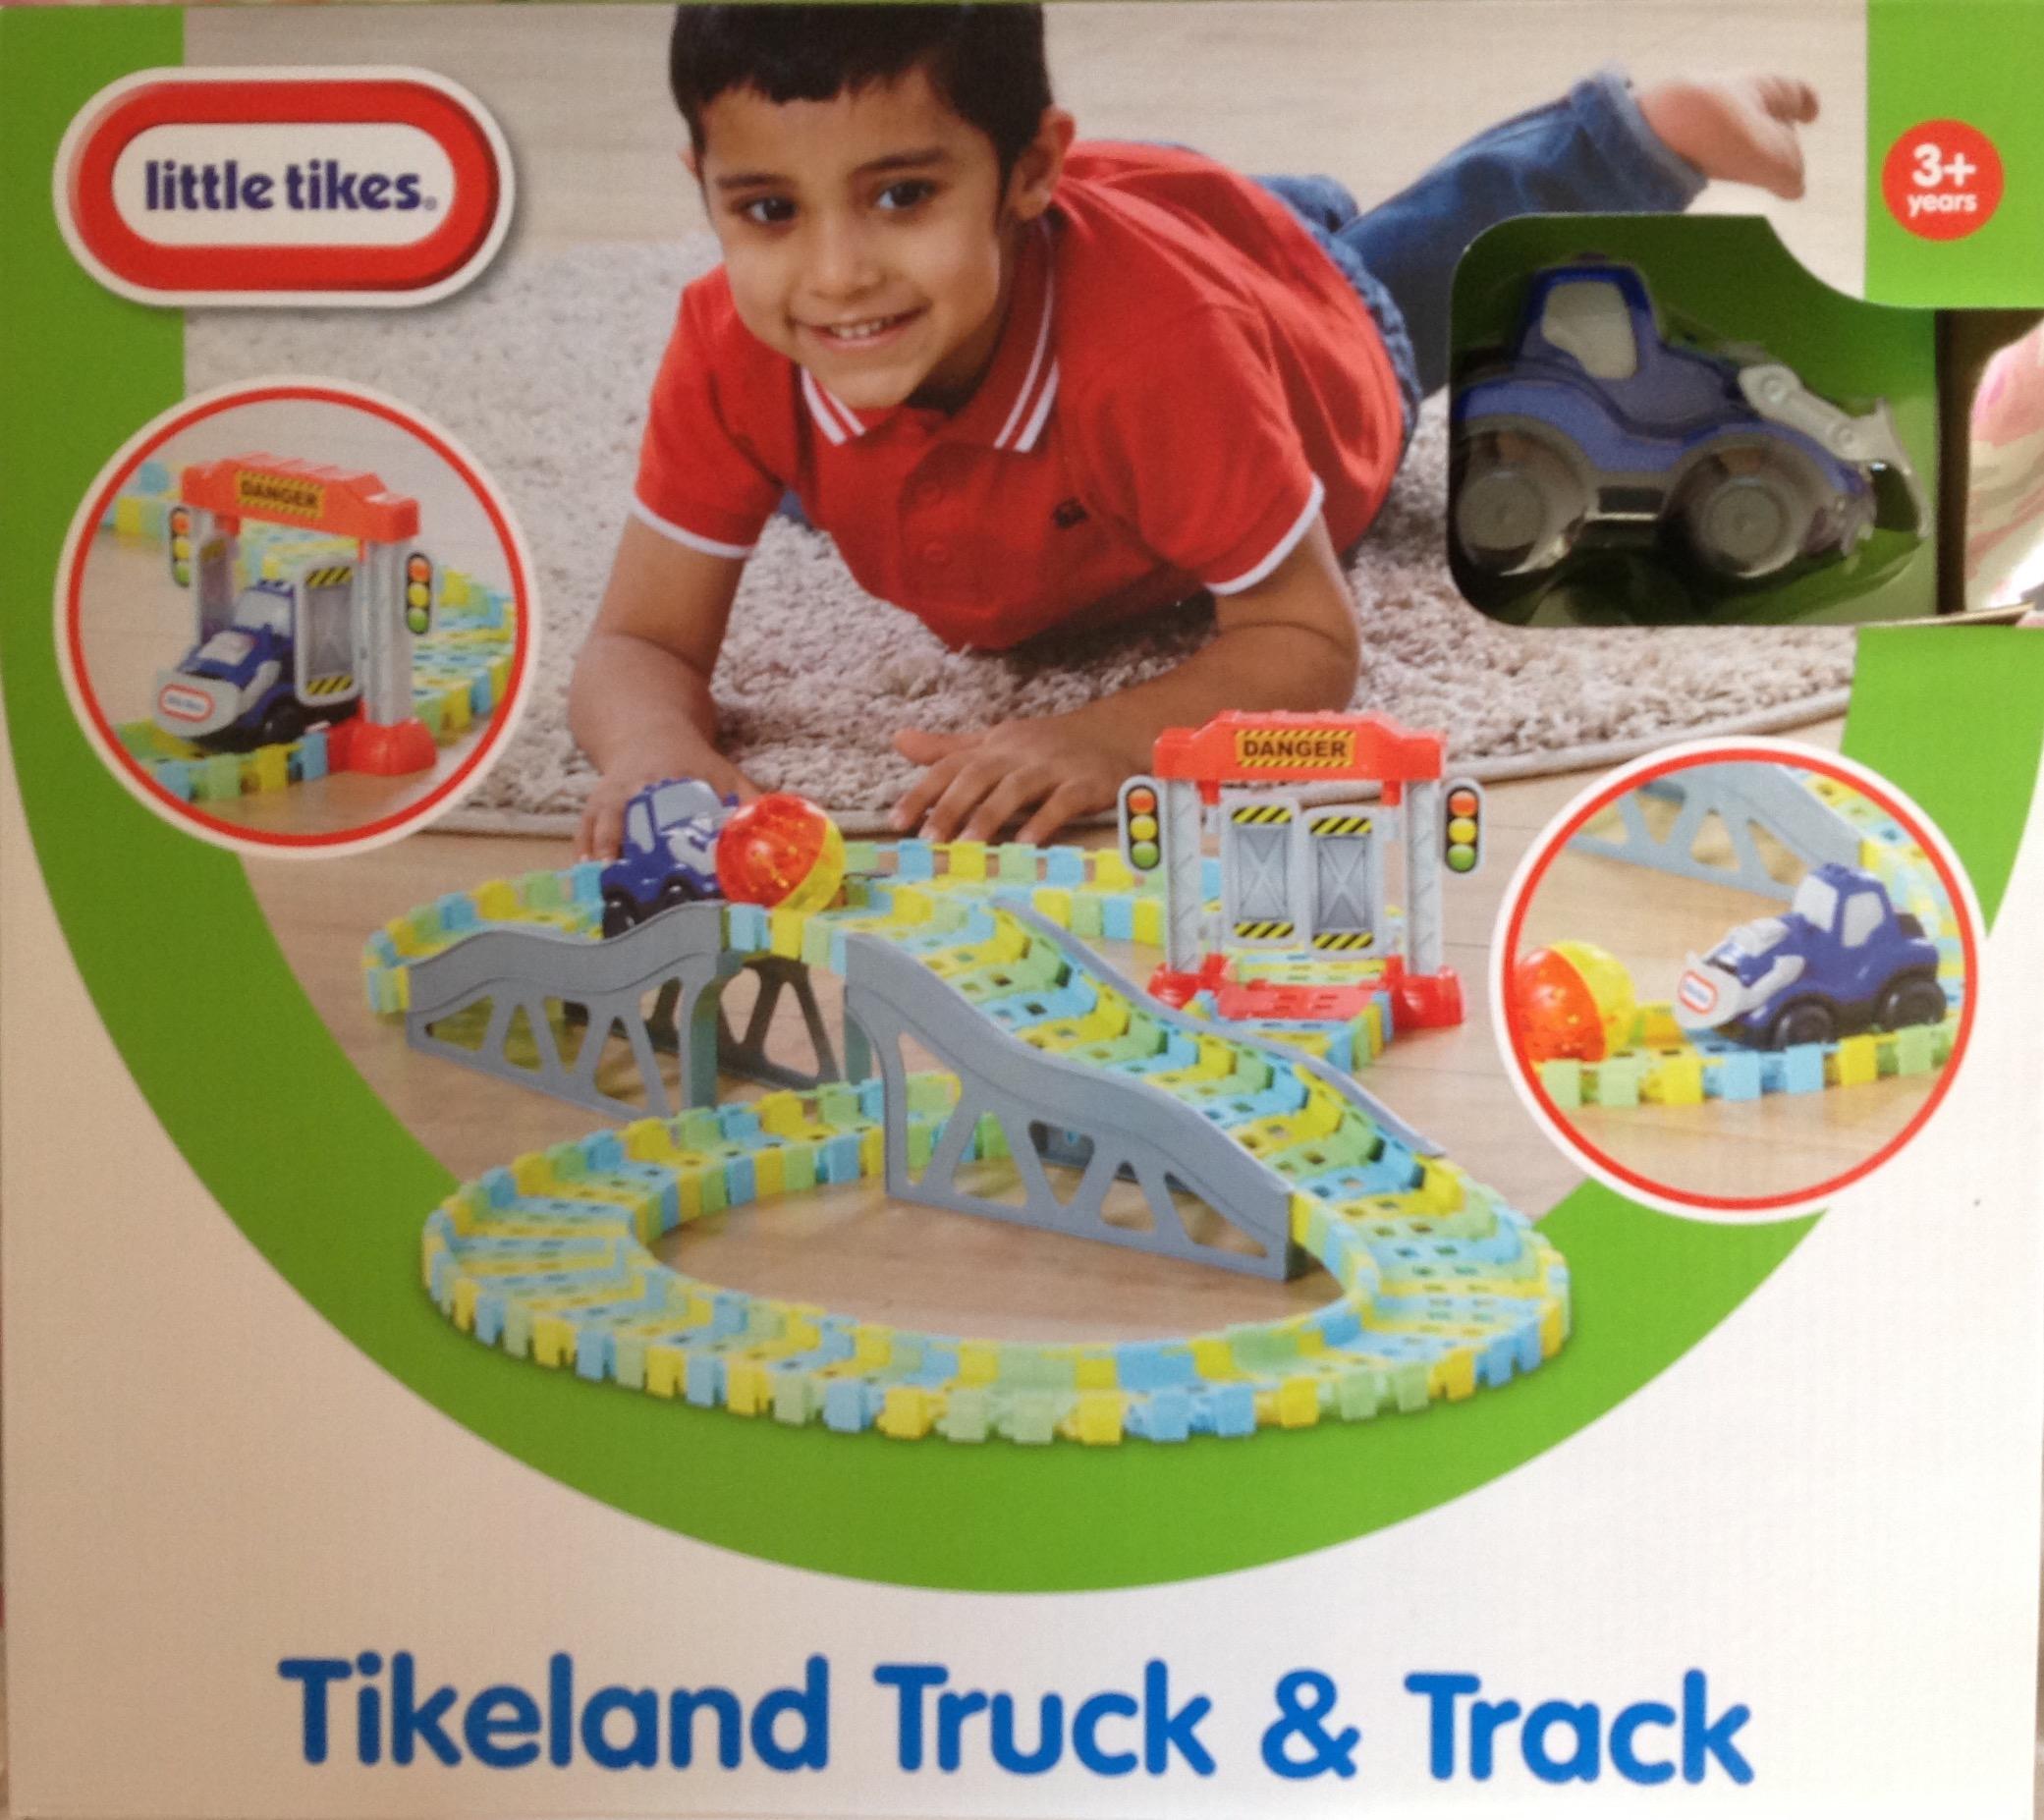 Little Tikes Tikeland Truck and Track set instore @ Asda Gorseinon - £5